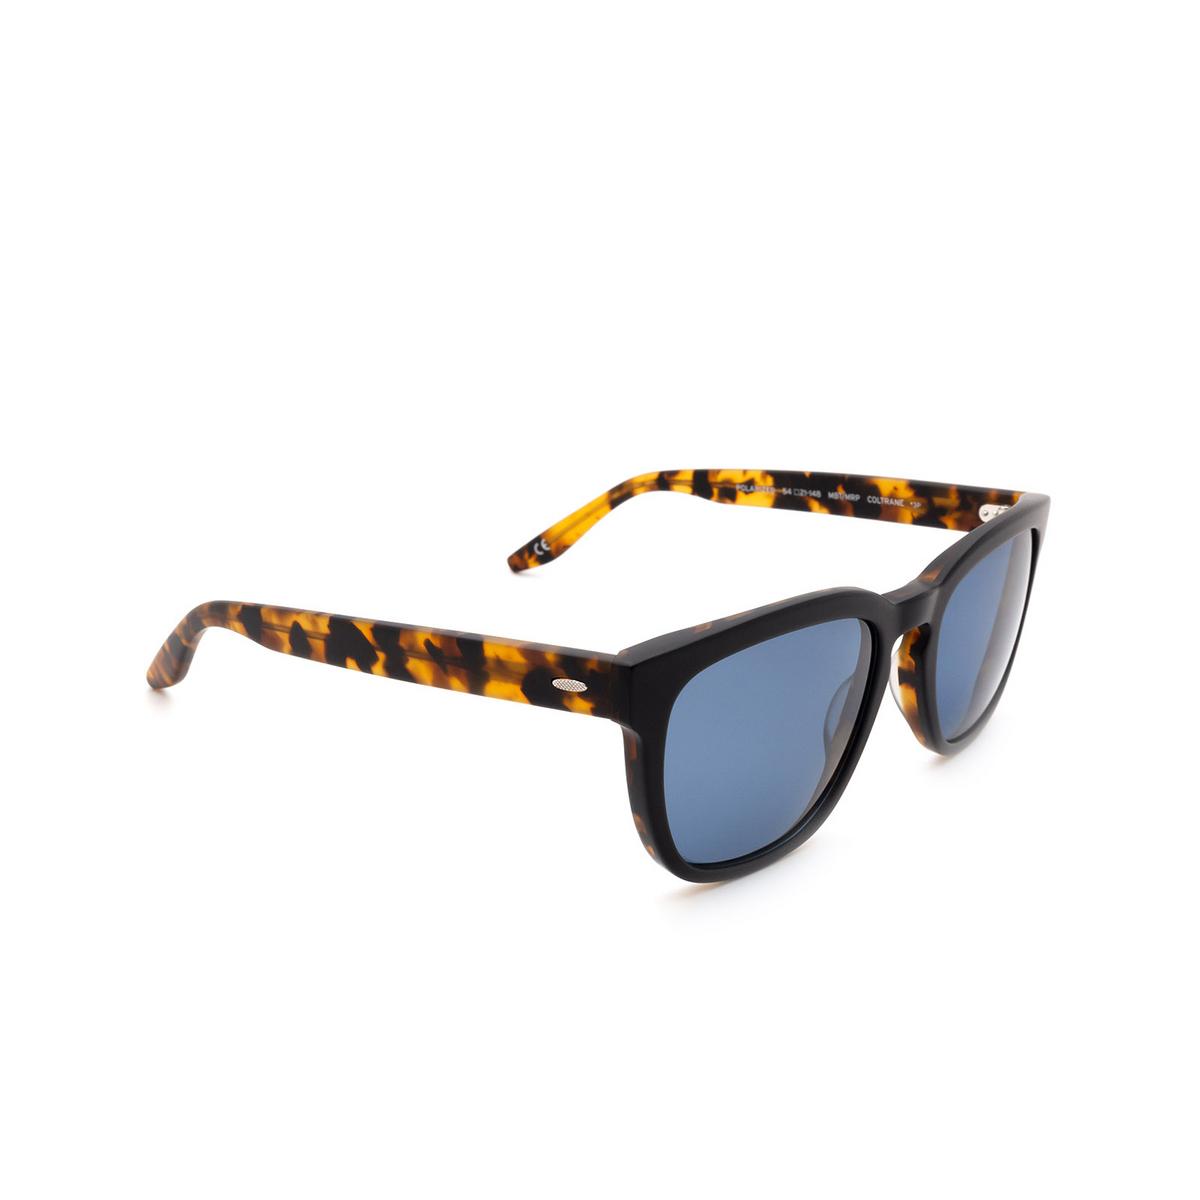 Barton Perreira® Square Sunglasses: Coltrane BP0013 color Matte Black & Tortoise 1HZ.